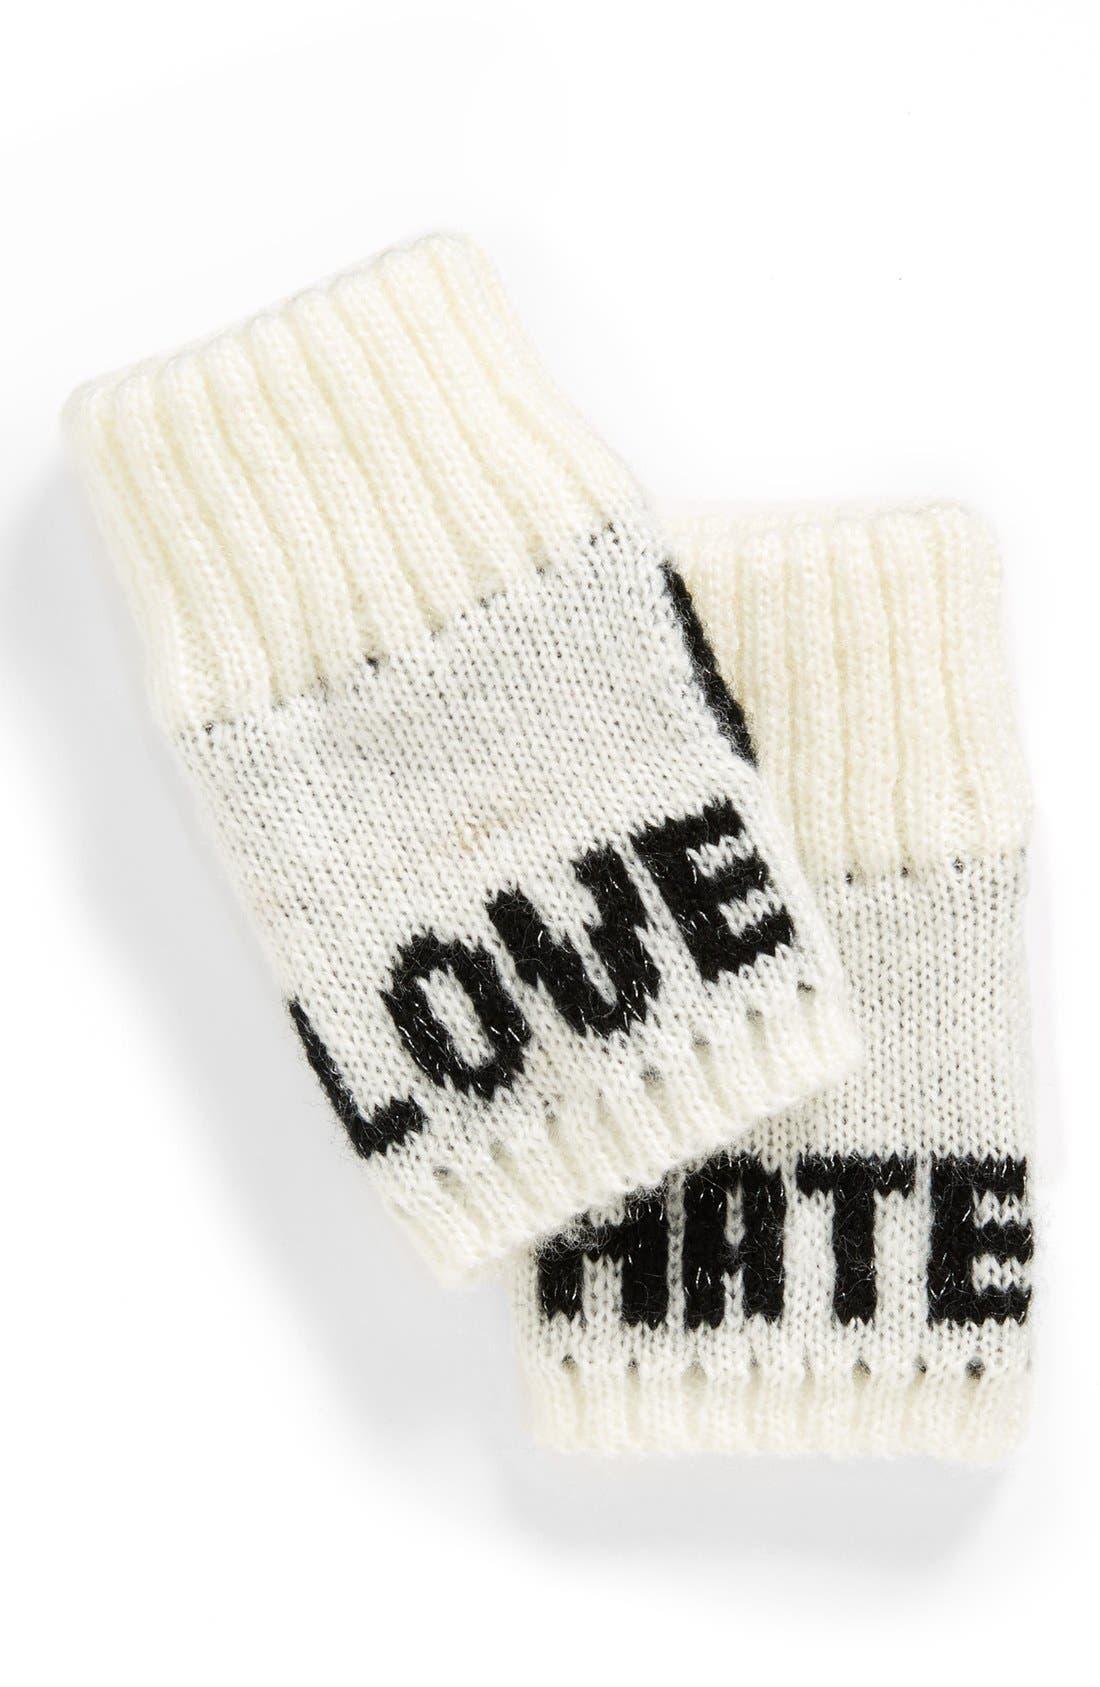 Alternate Image 1 Selected - BCBGeneration 'Love/Hate' Fingerless Gloves